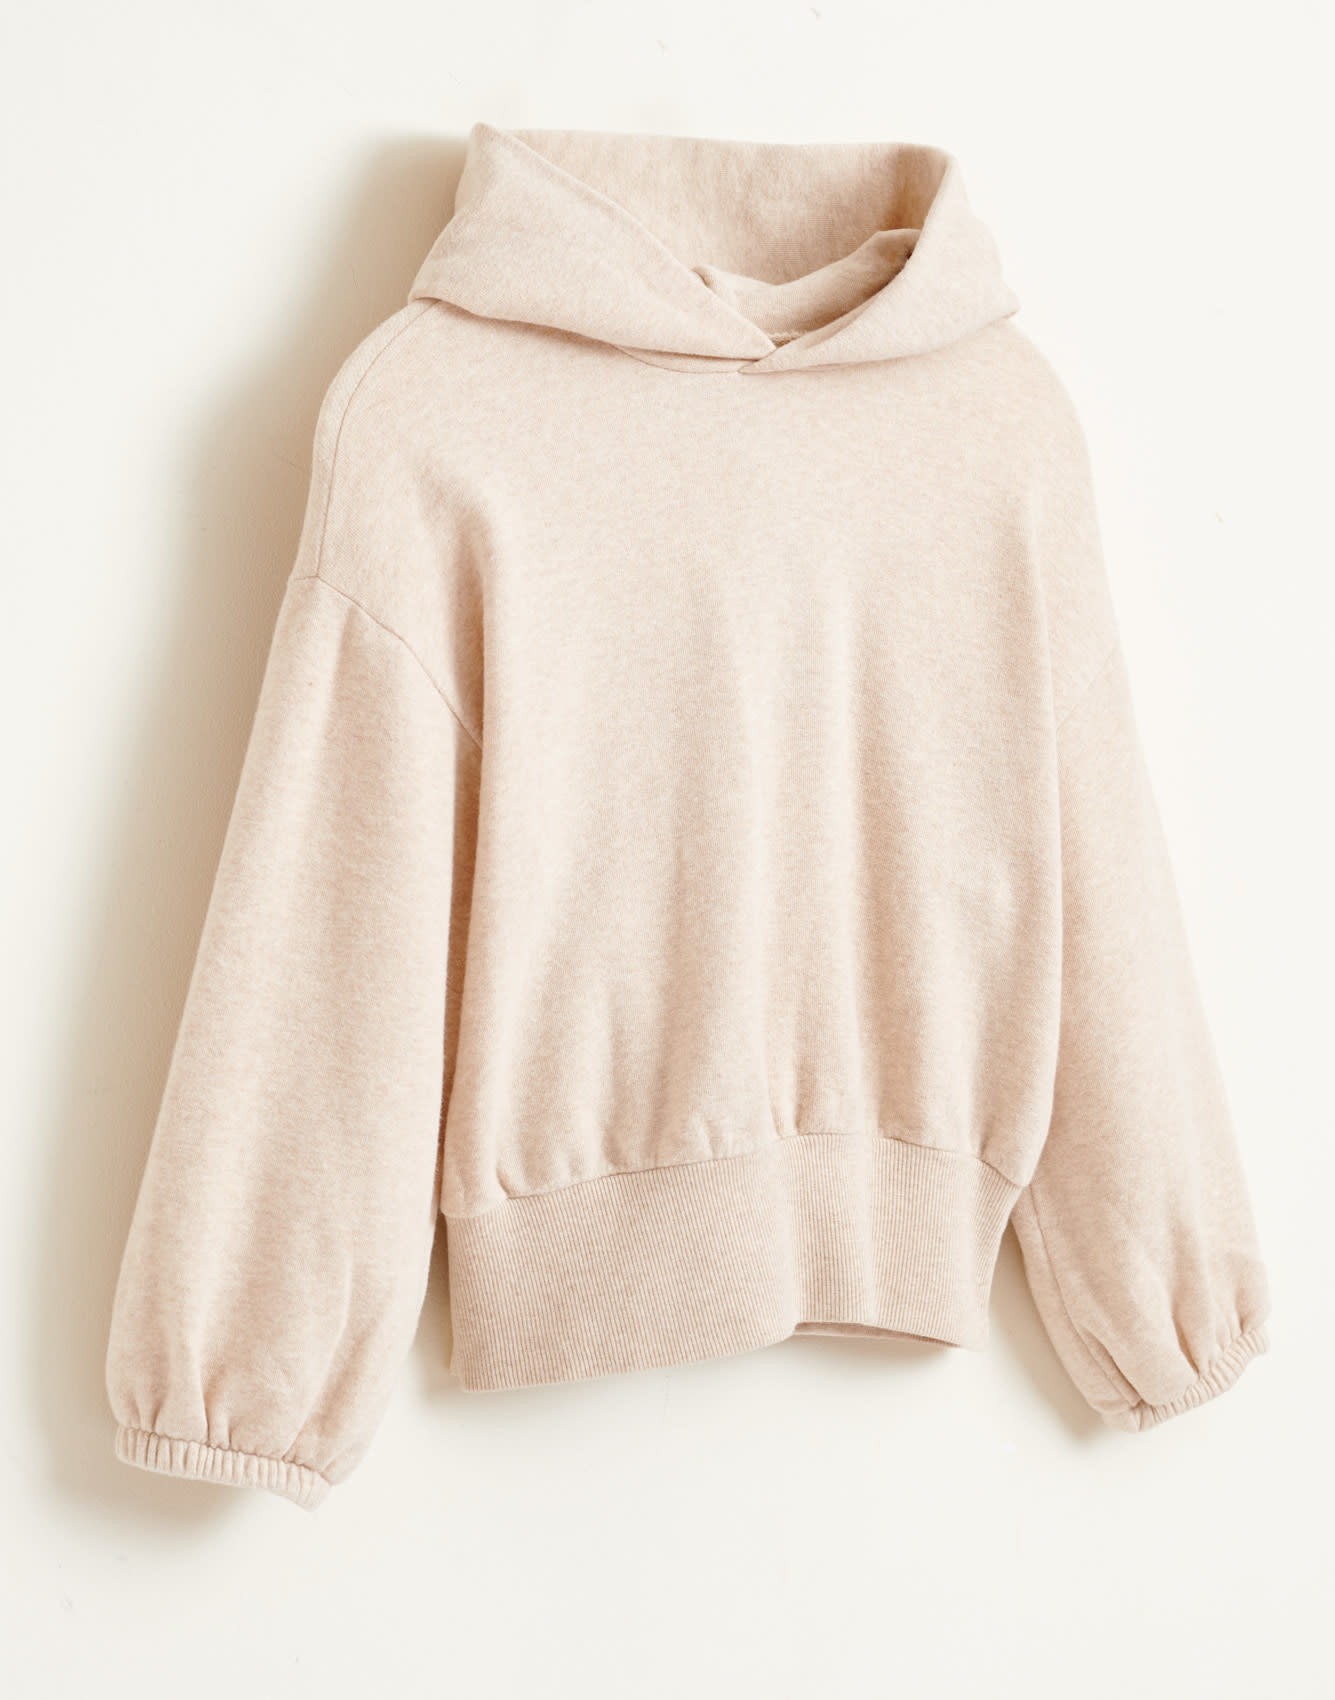 Vani sweatshirt oyster-3